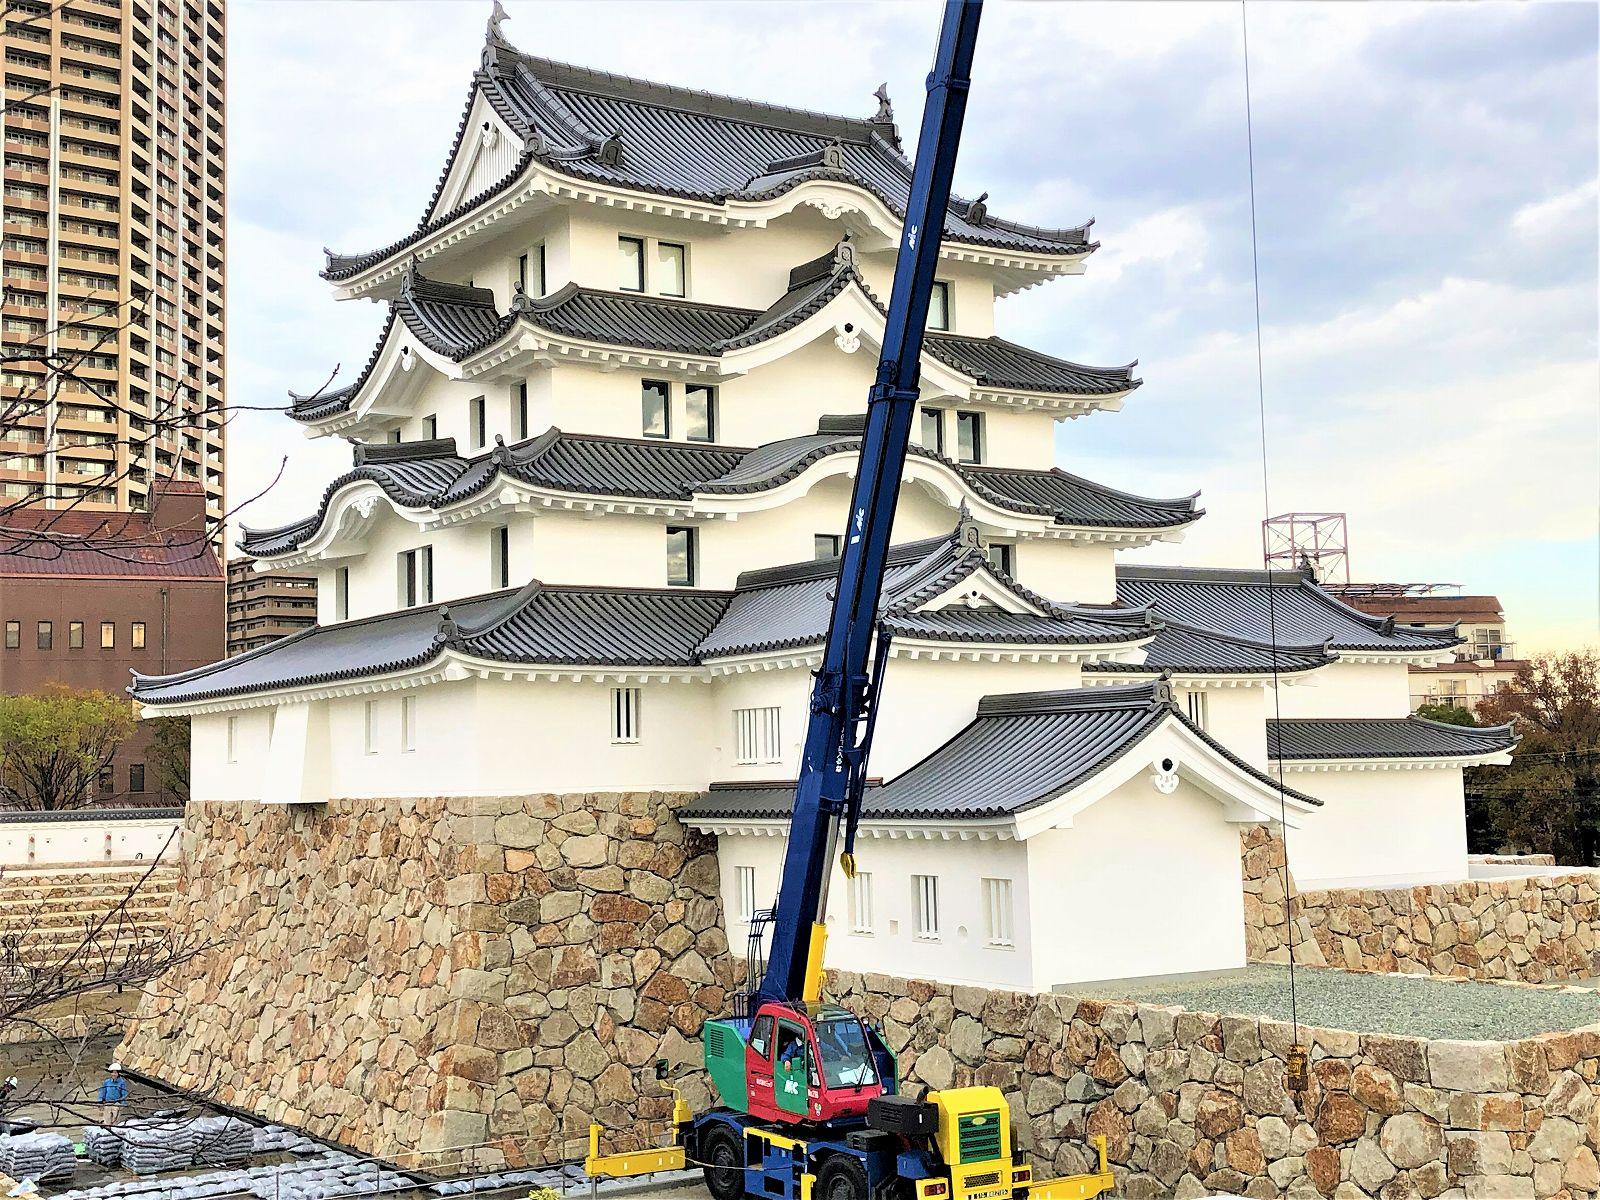 「尼崎城」が完成し、2019年3月29日(金)から一般公開スタート!その前に外観を見てきた! #尼崎城 #尼崎市 #旧ミドリ電化 #お城好き #歴史好き